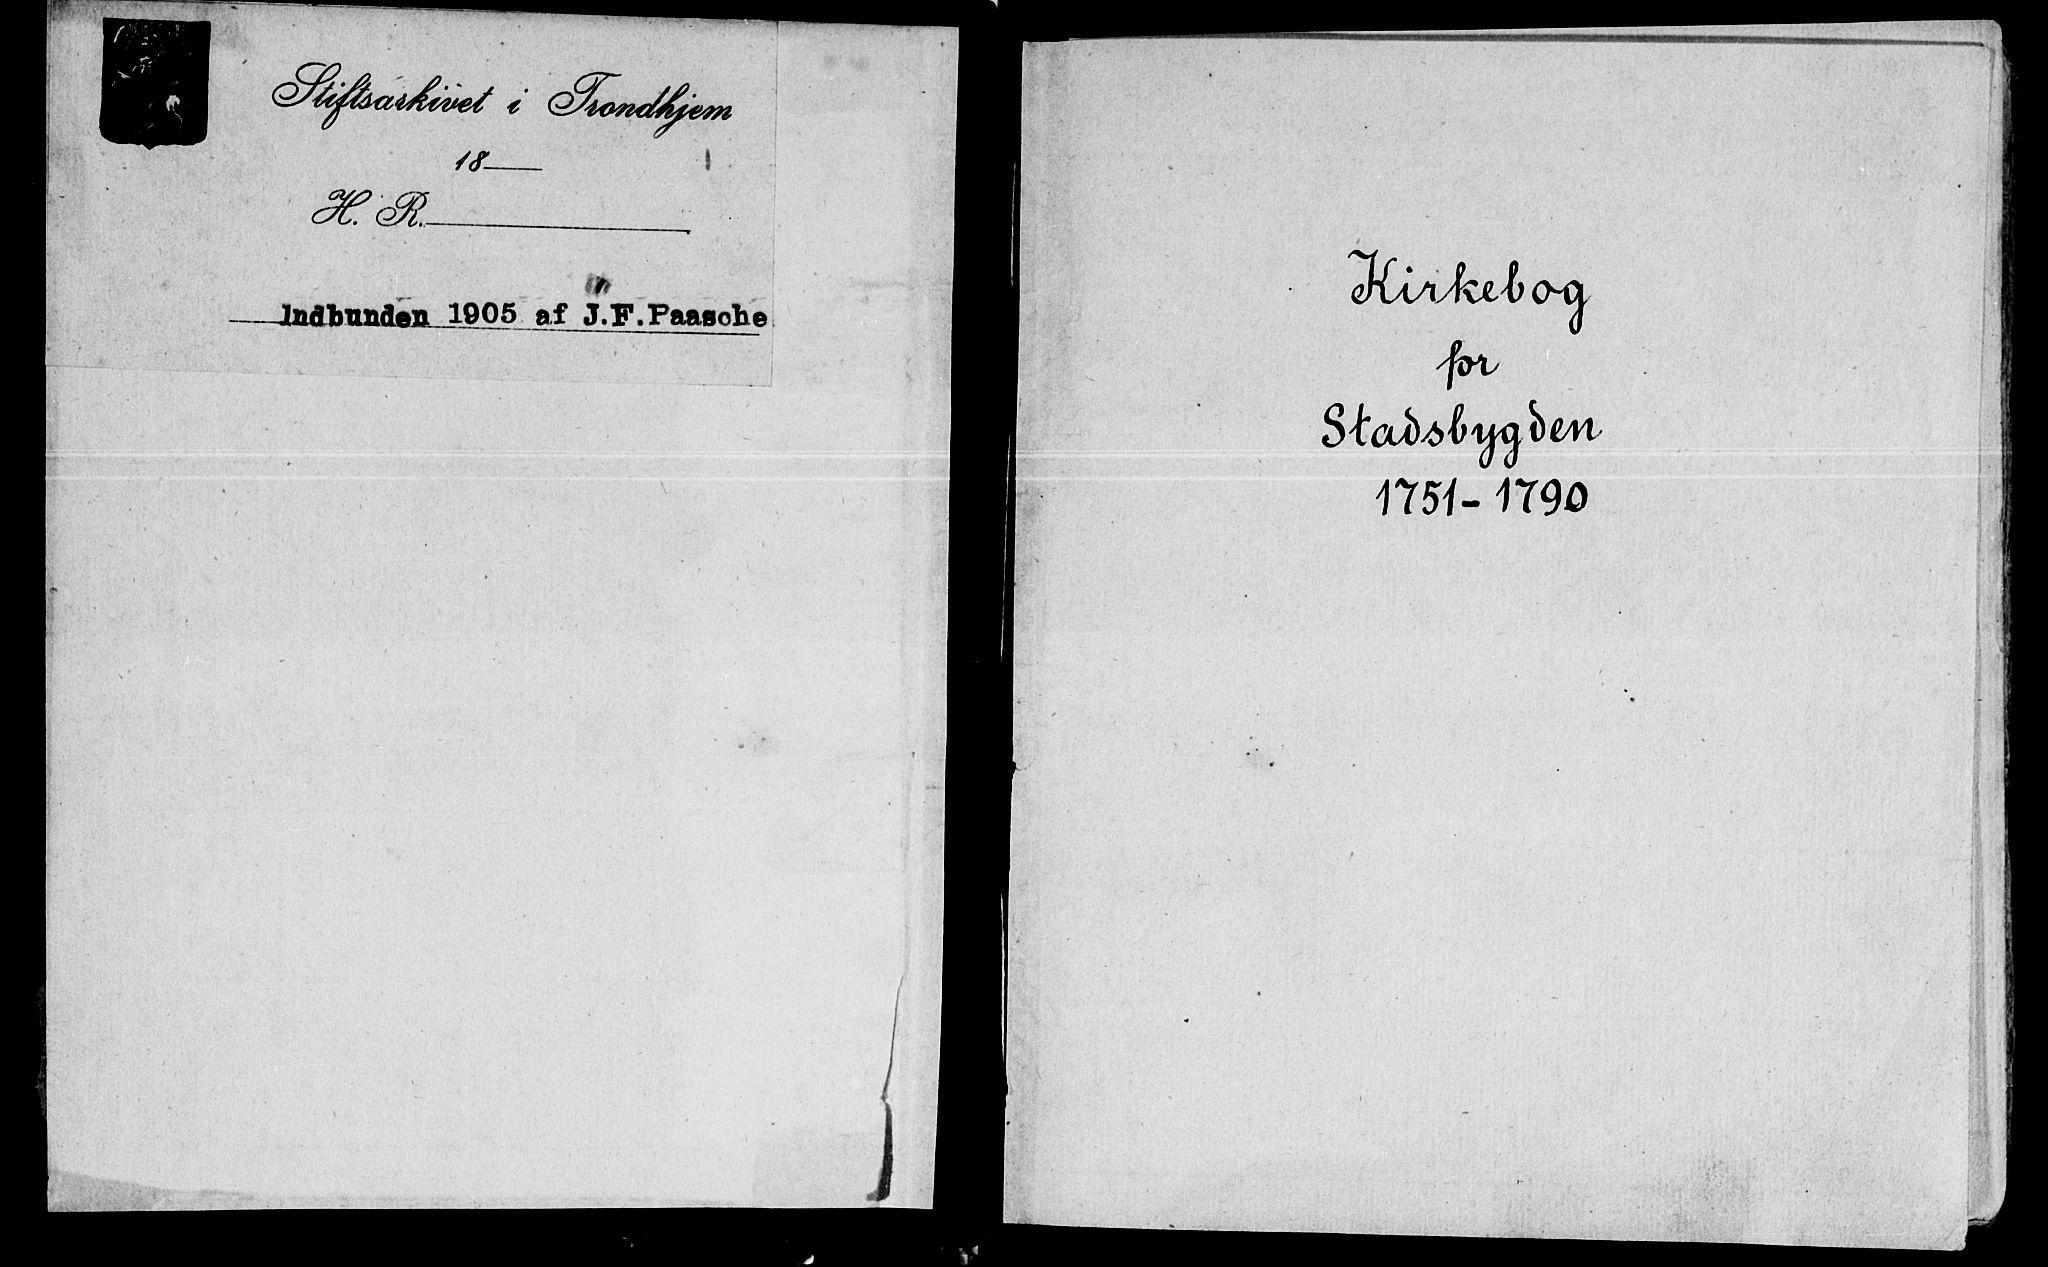 SAT, Ministerialprotokoller, klokkerbøker og fødselsregistre - Sør-Trøndelag, 646/L0605: Ministerialbok nr. 646A03, 1751-1790